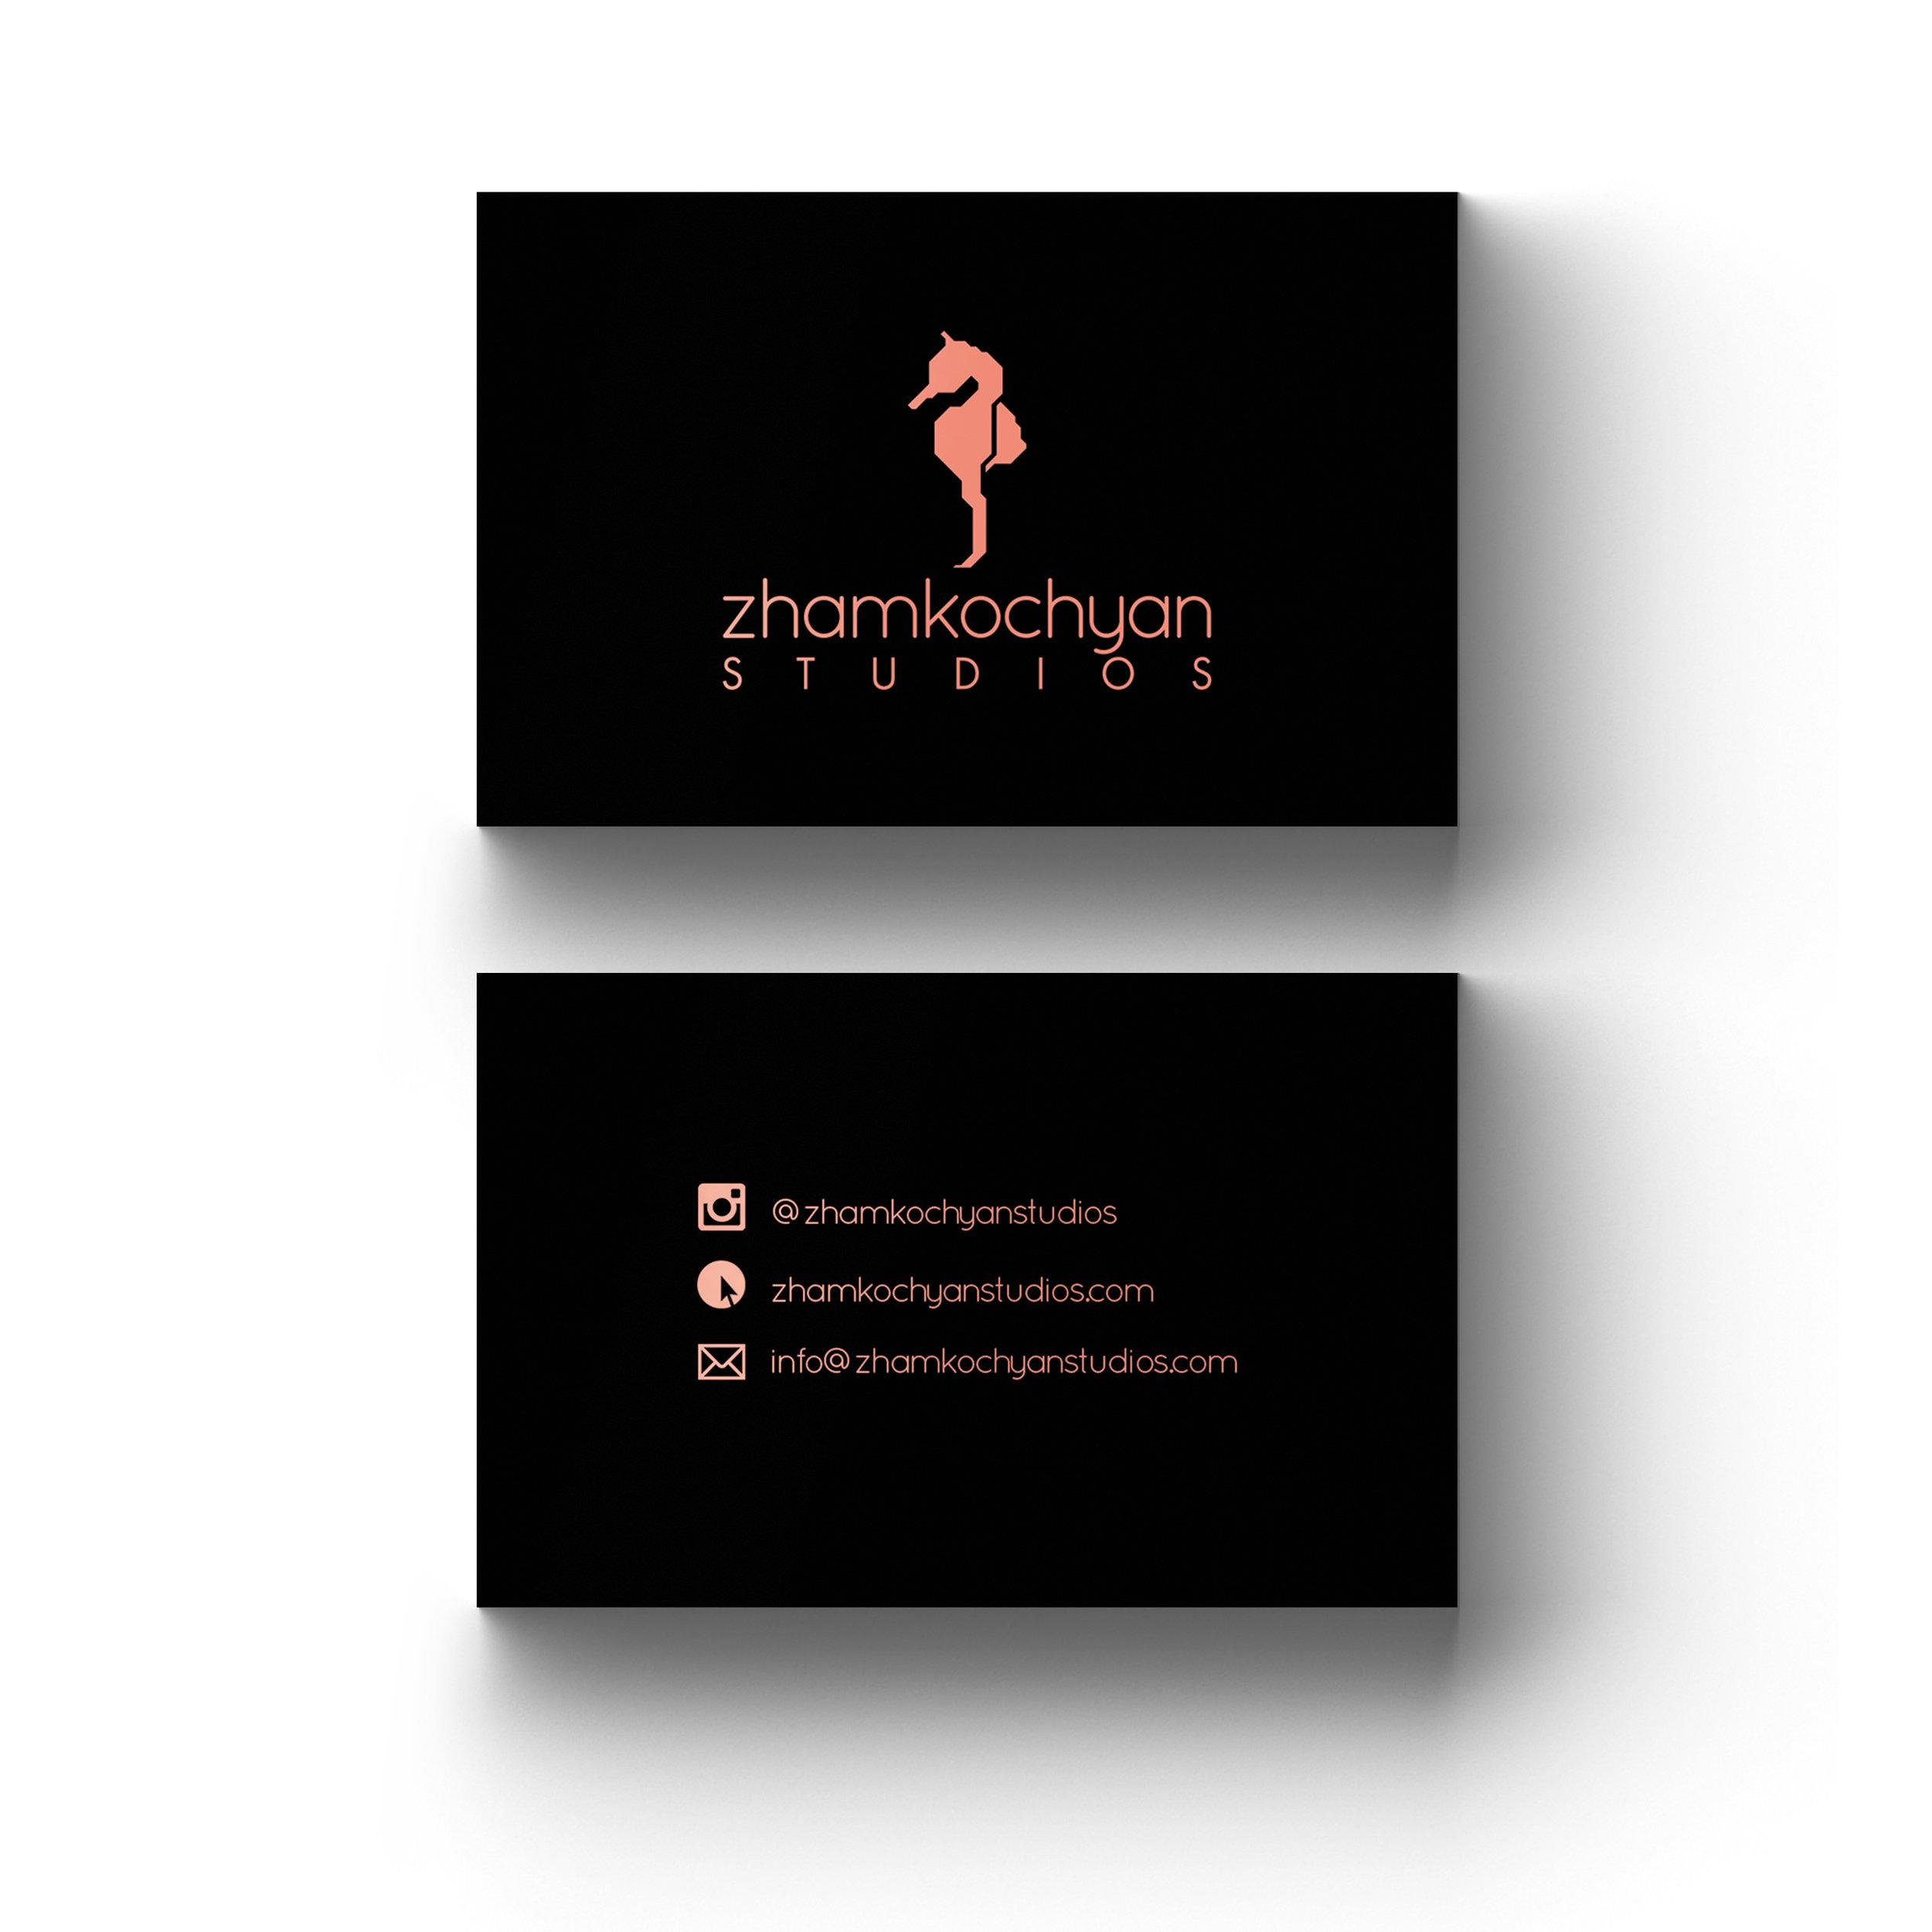 Zhamkochyan Studios Business Cards (1)